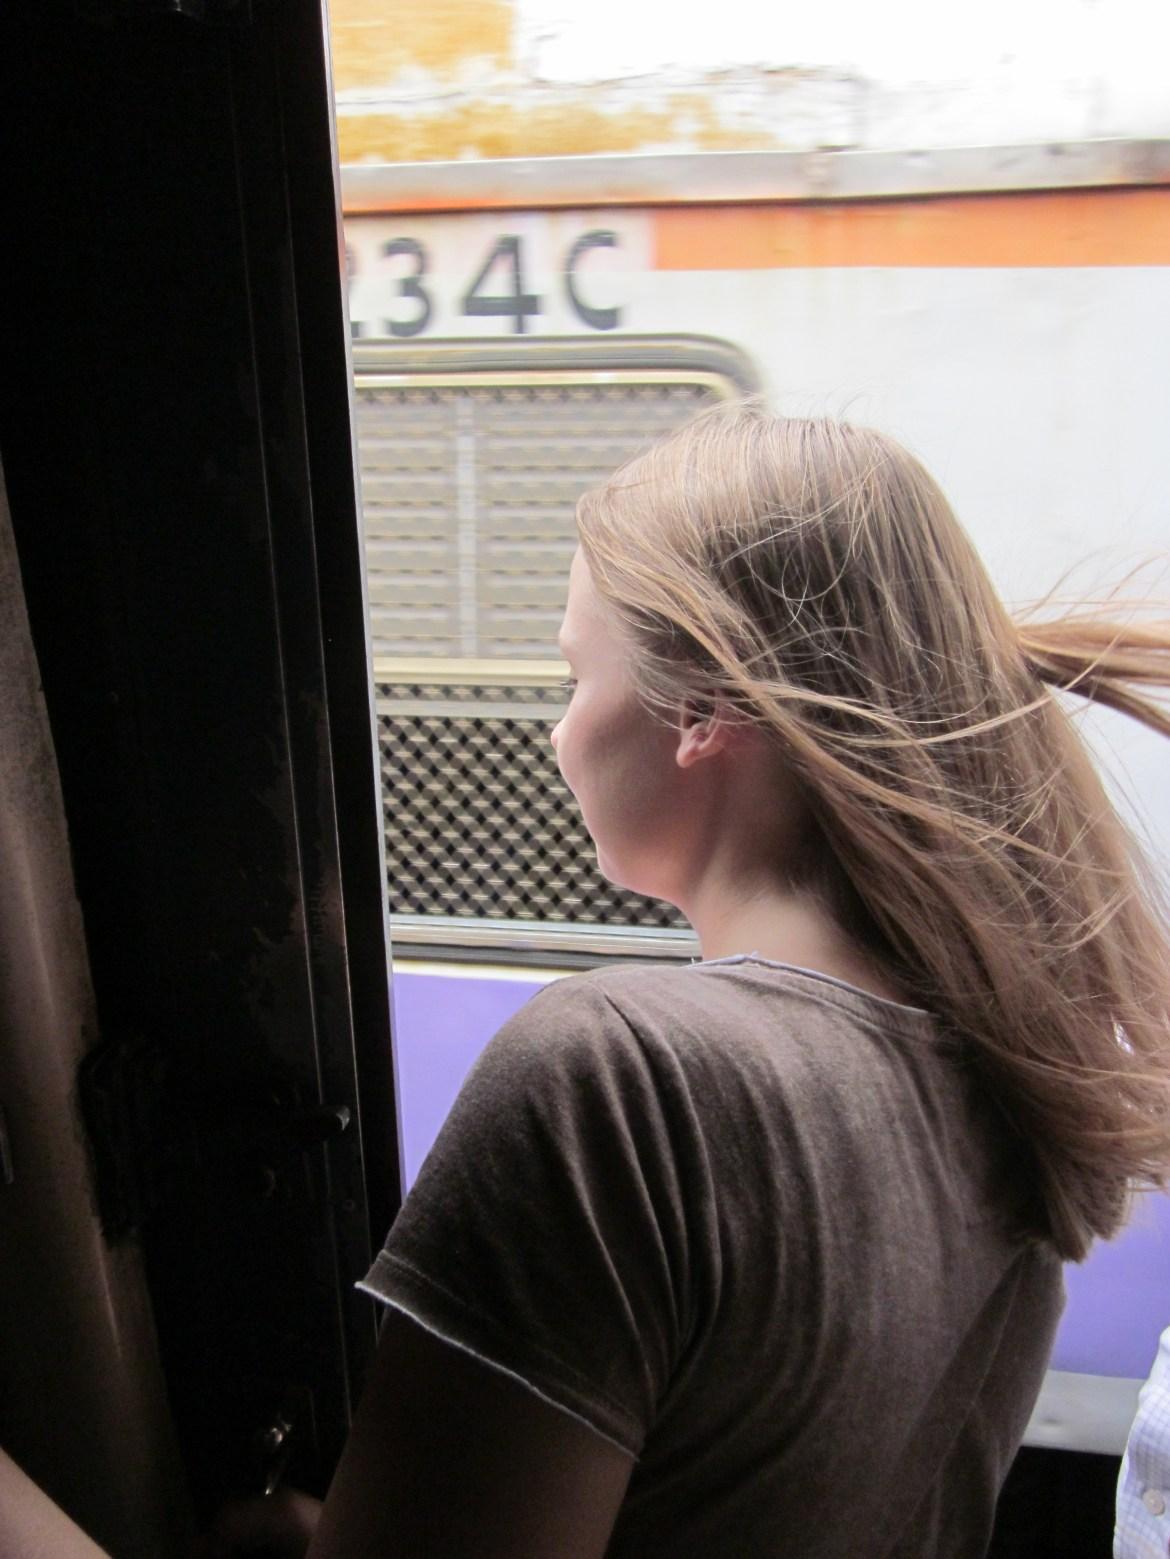 img 9122 - Bombaj, czyli jak daliśmy się oszukać